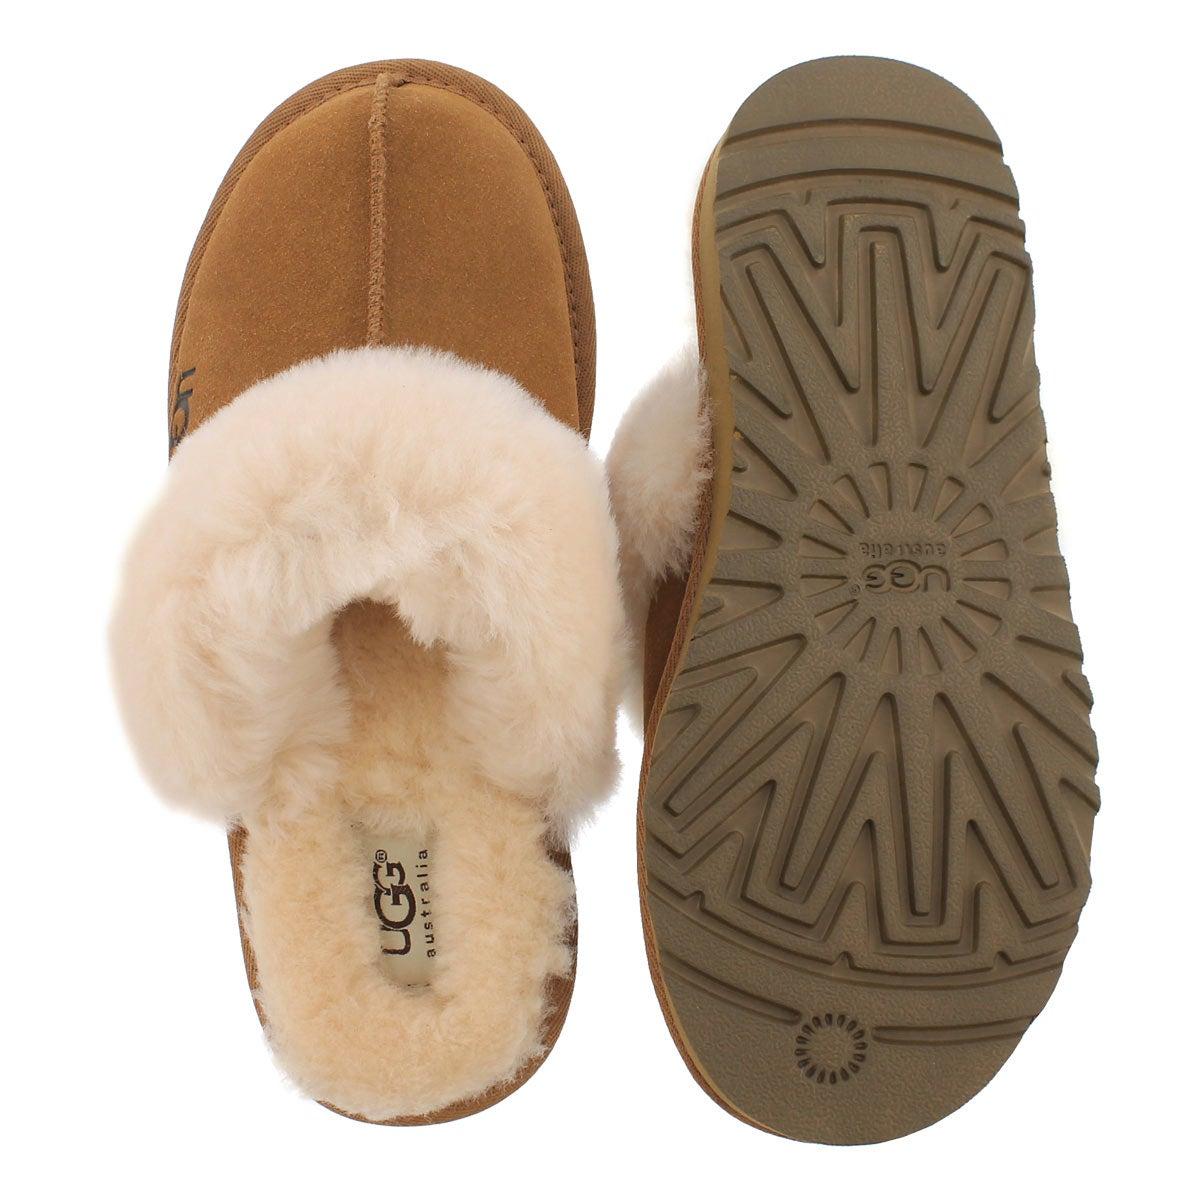 Grls Cozy chestnut sheepskin slipper